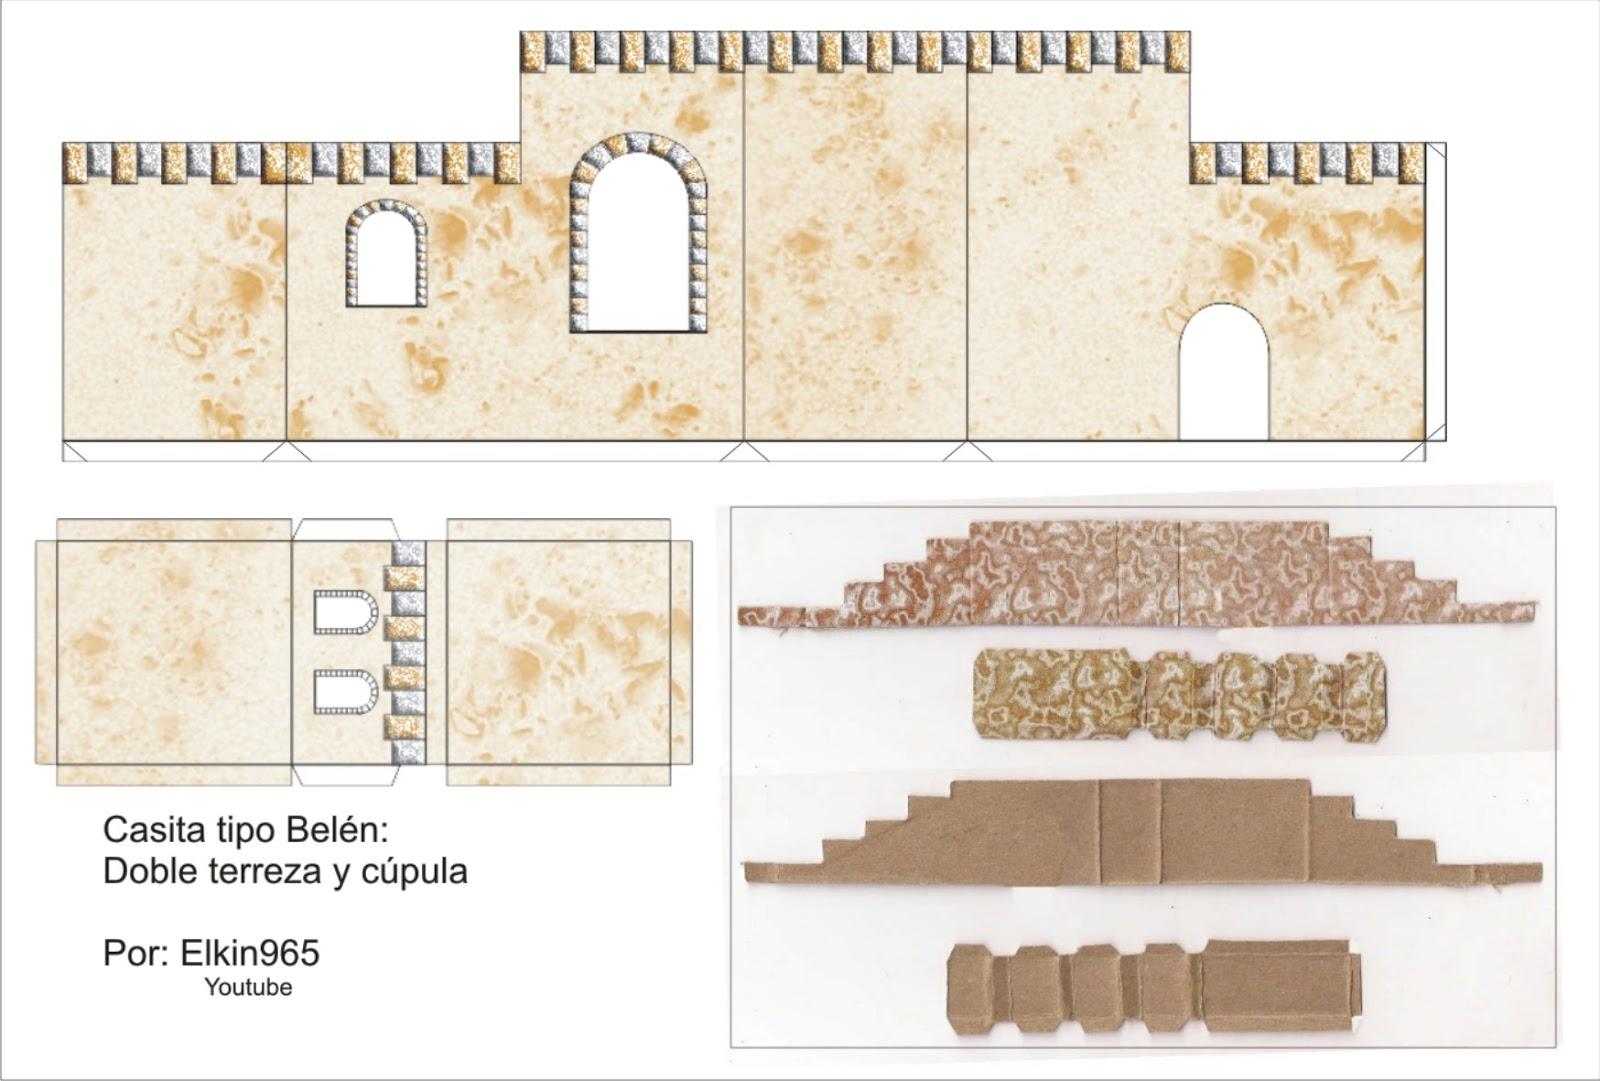 Elkin creaciones casita para pesebre tipo bel n en carton - Casitas de nacimientos de navidad ...